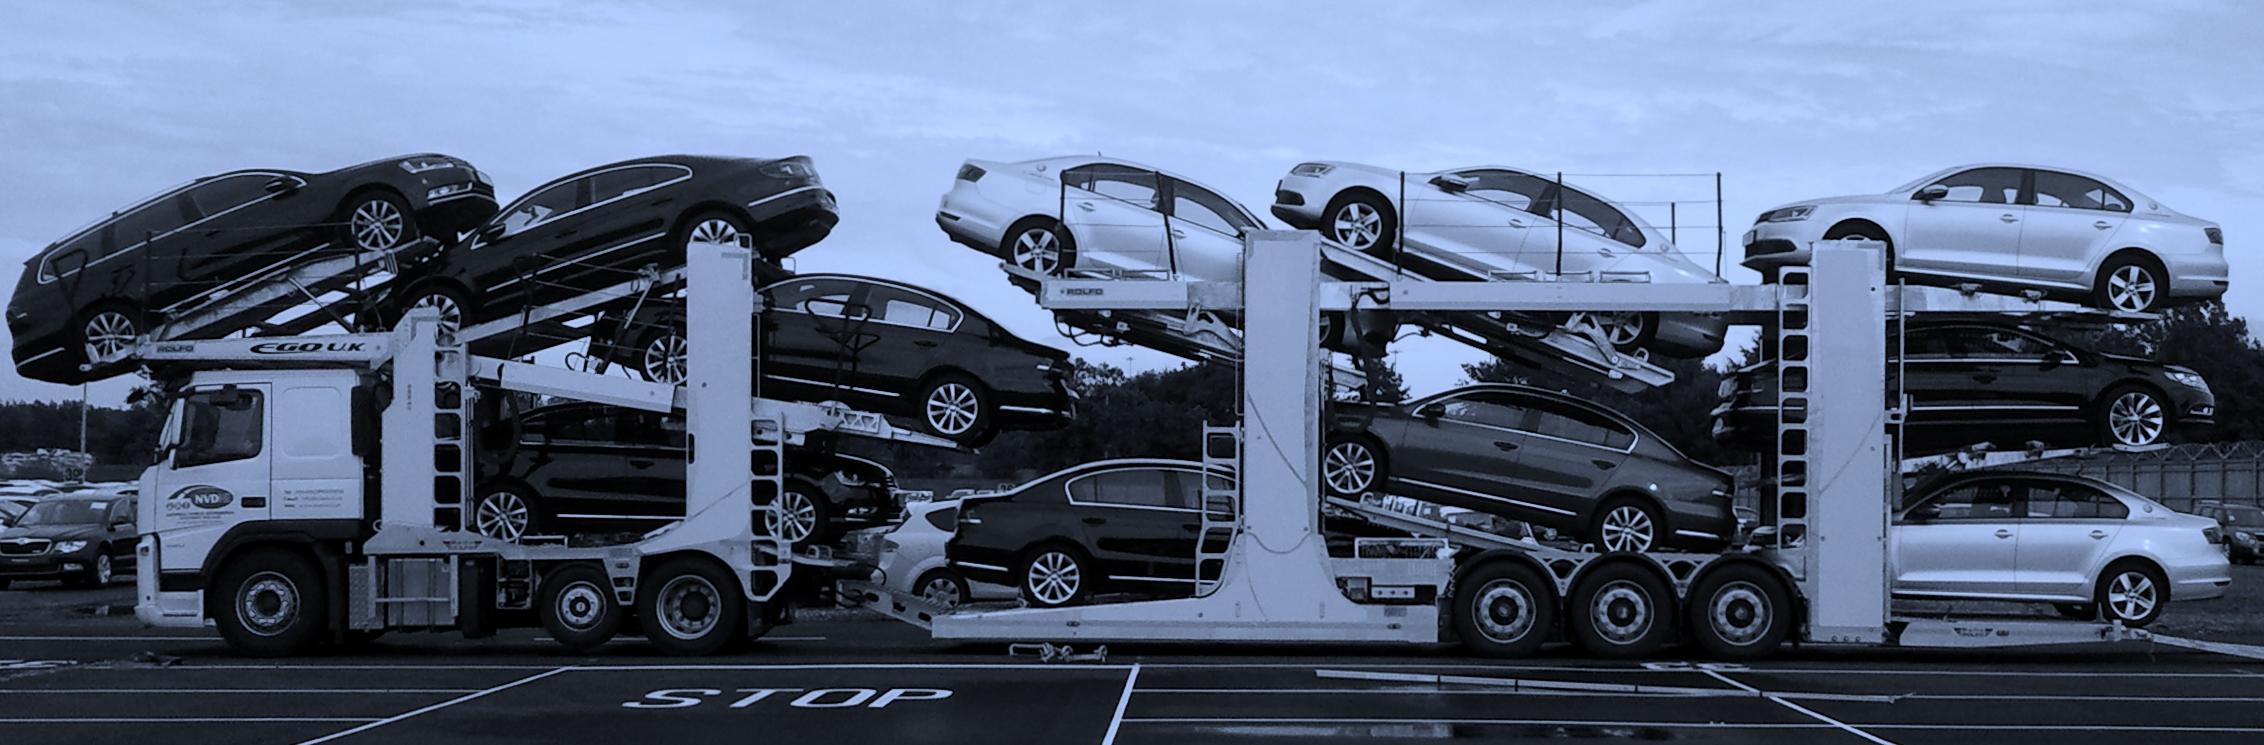 Regels & Richtlijnen Omtrent Internationale Automobiel Import